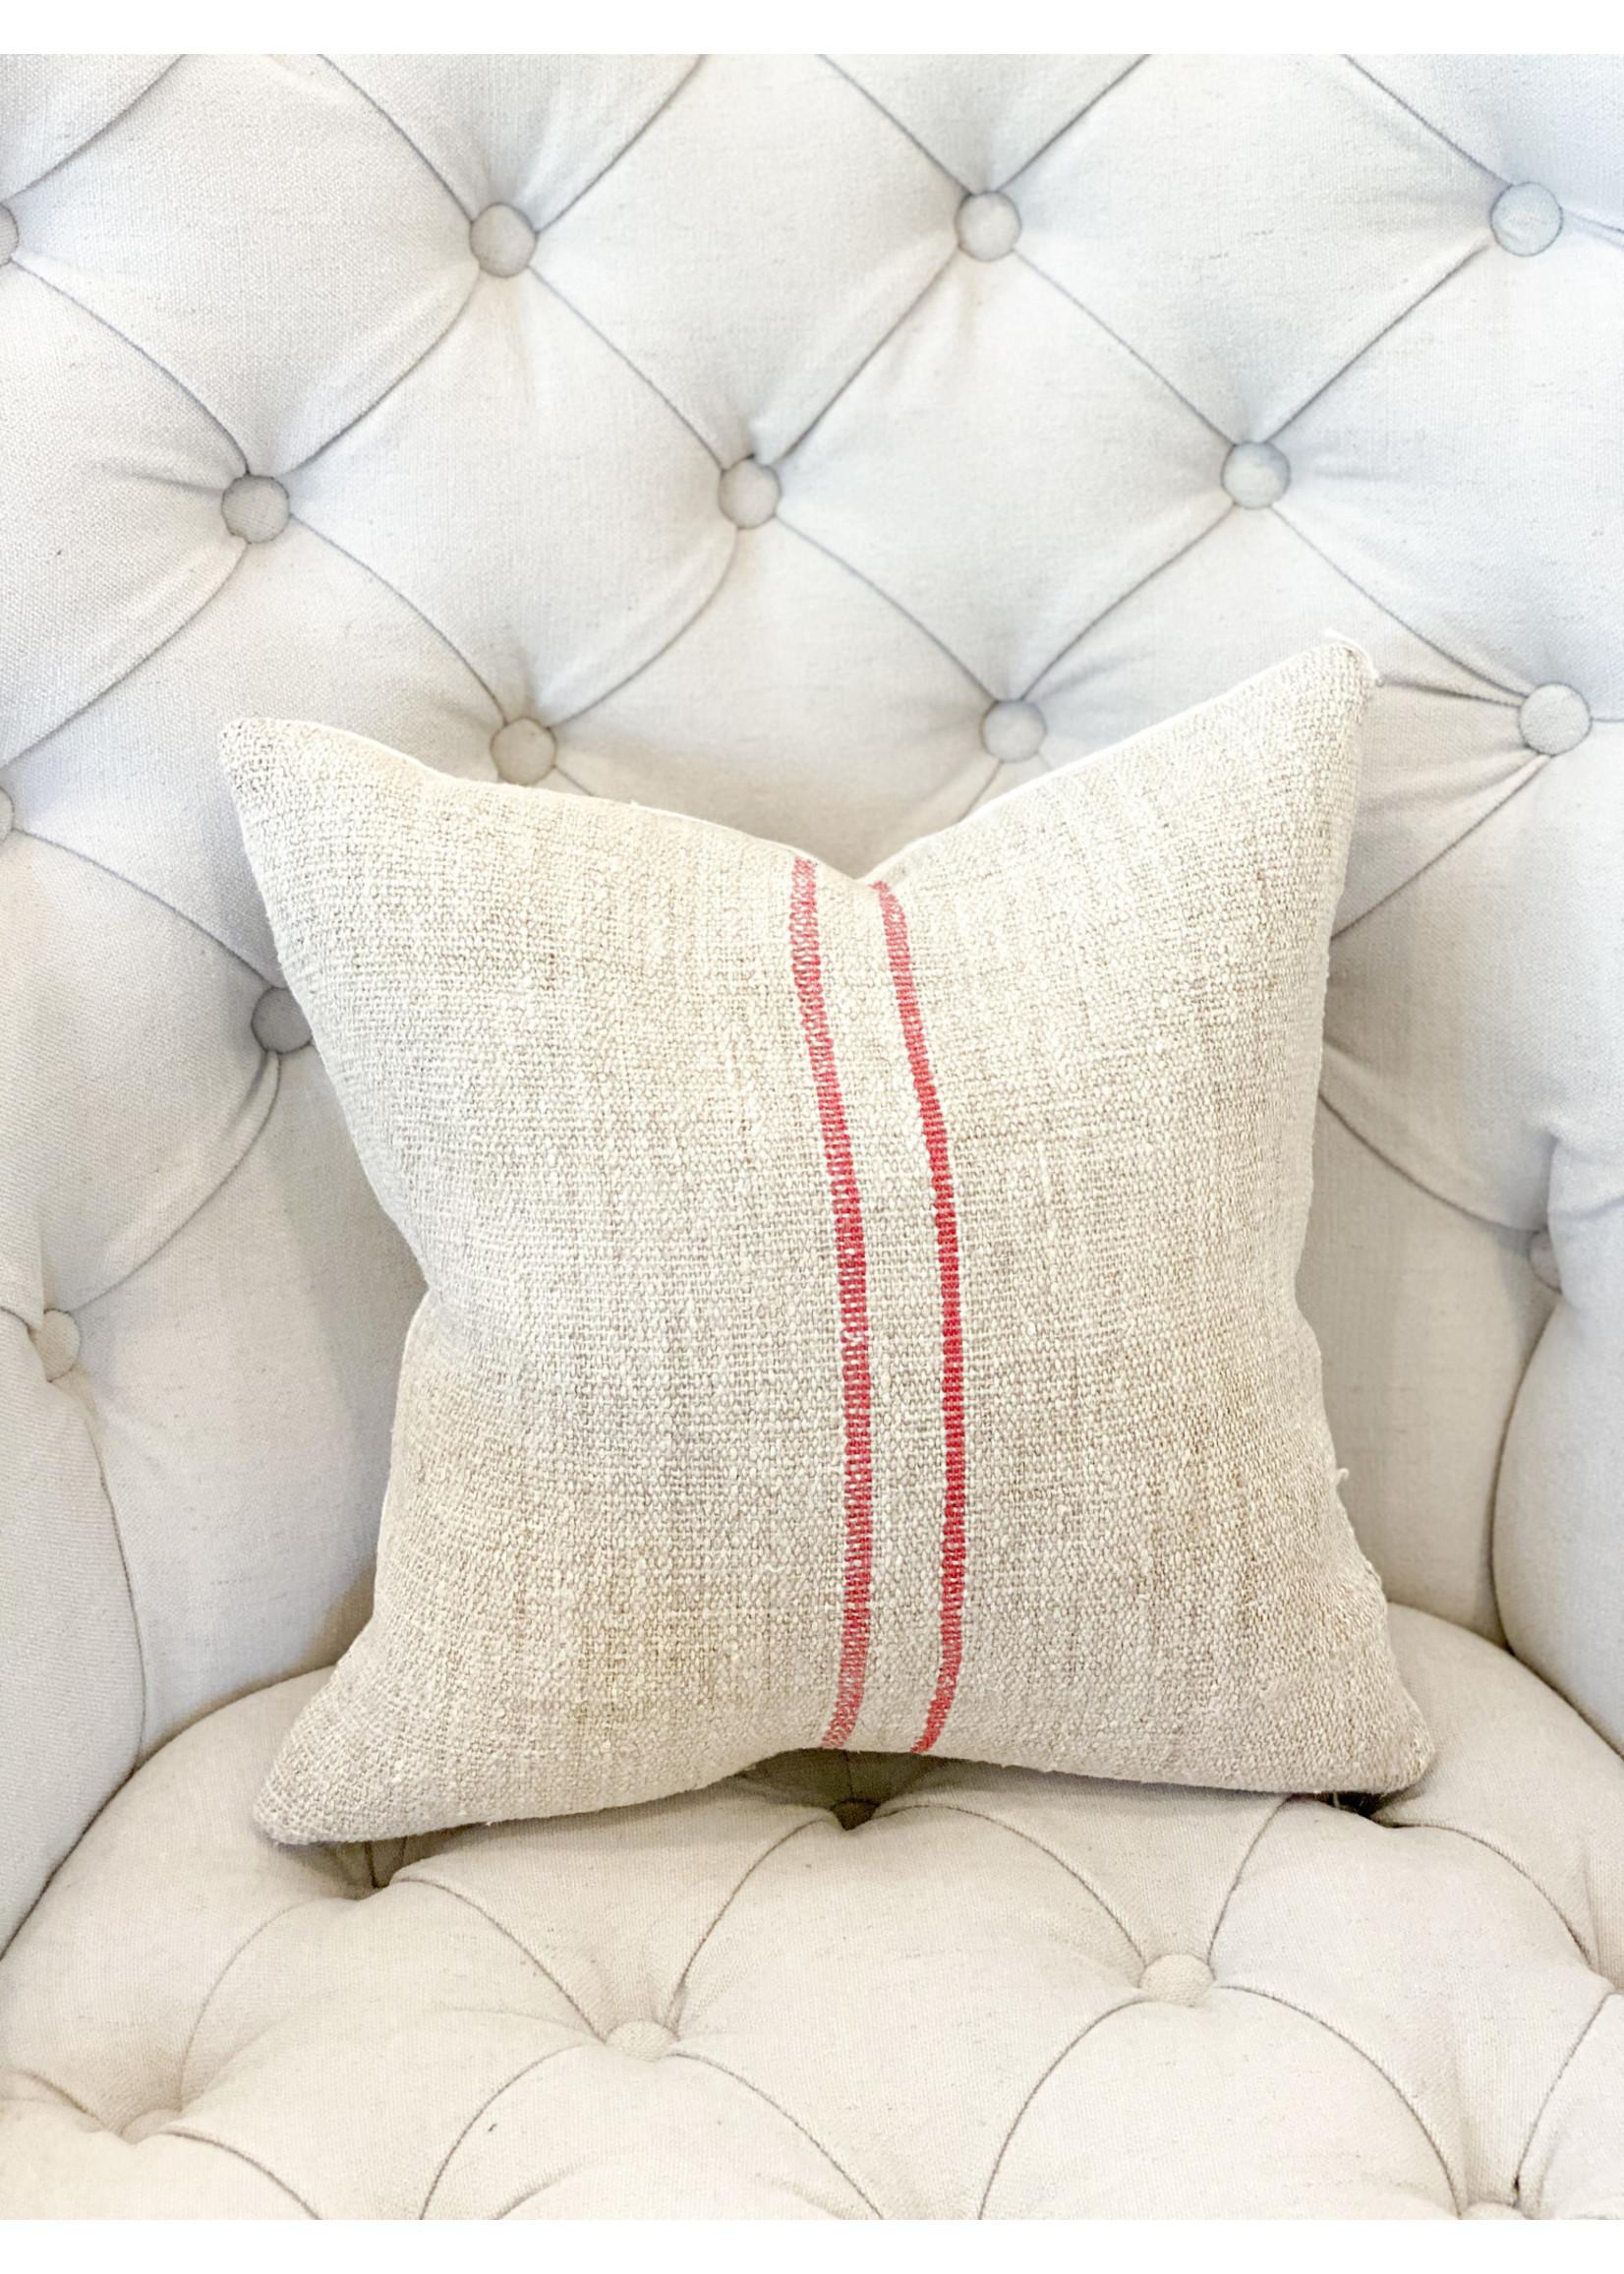 Pillow - Small - Antique Hemp/Linen (red 2 stripe)